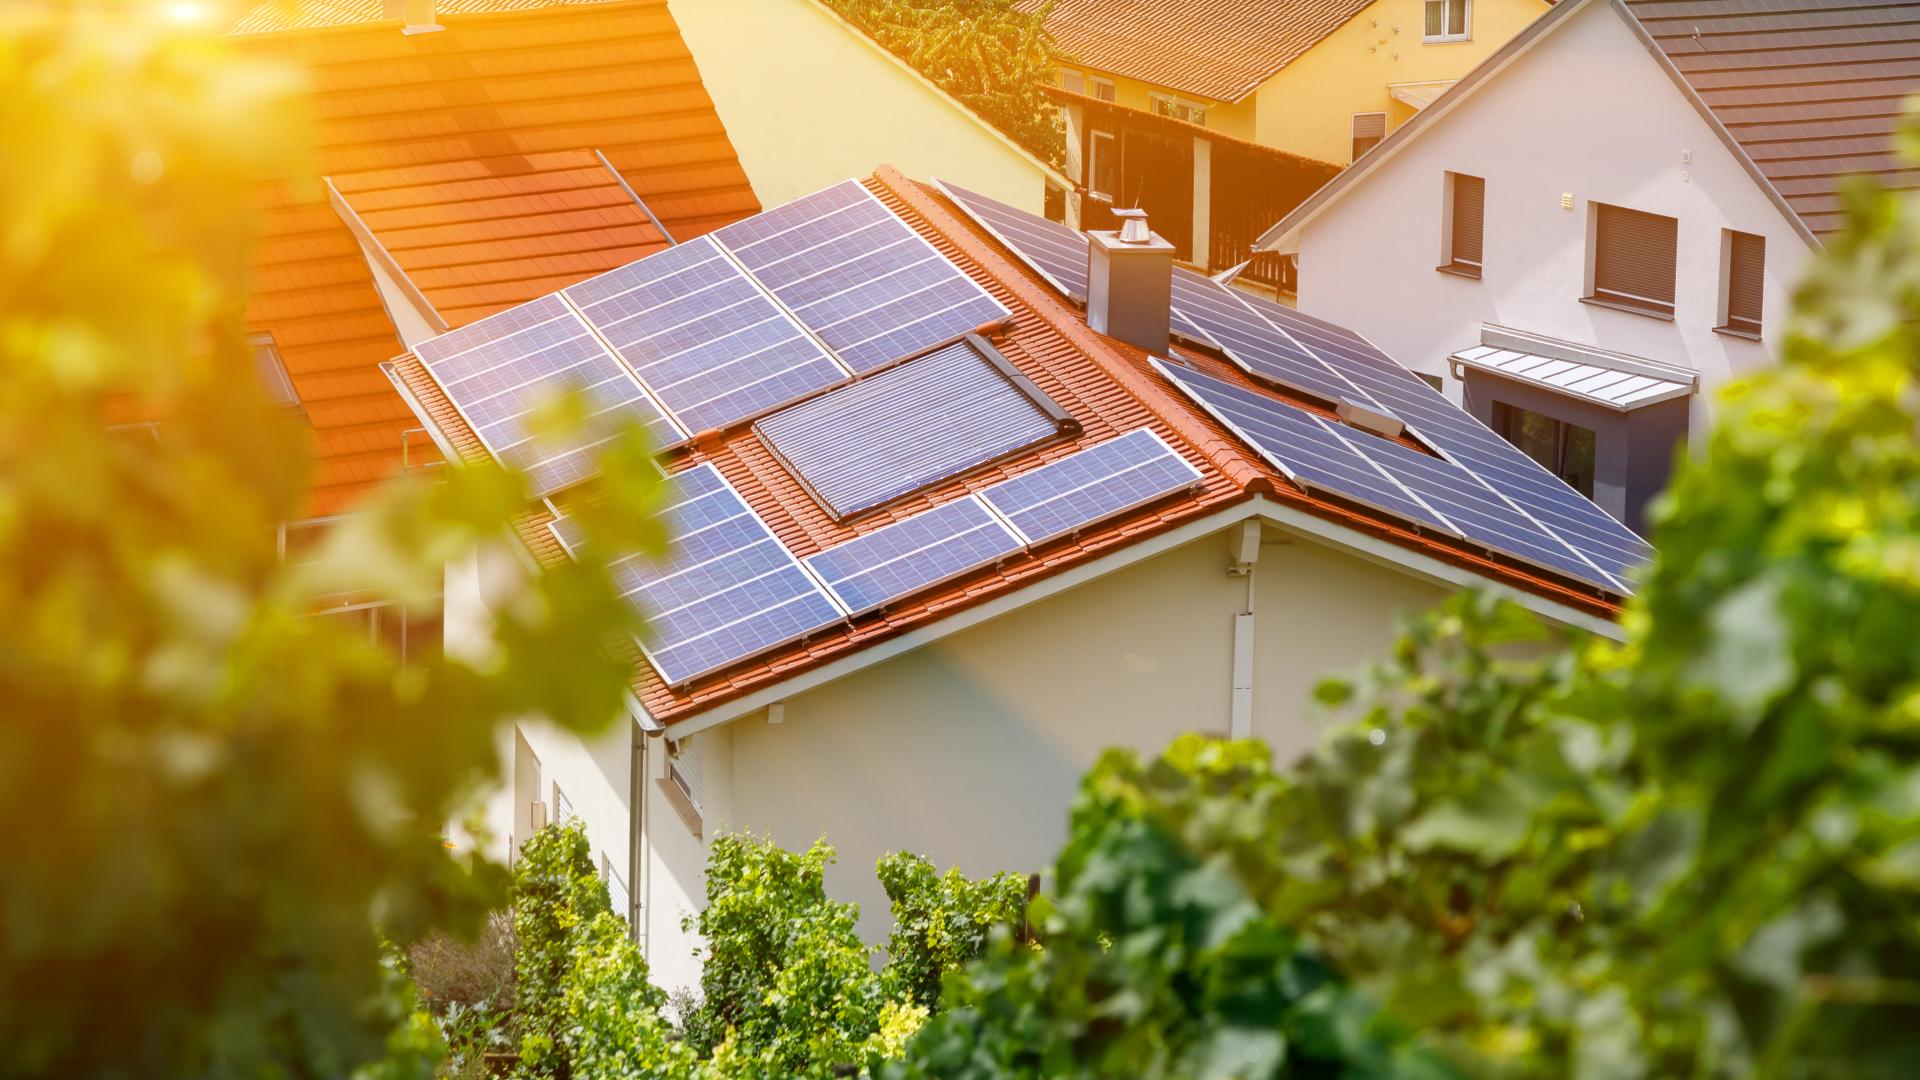 ventajas de instalar placas solares